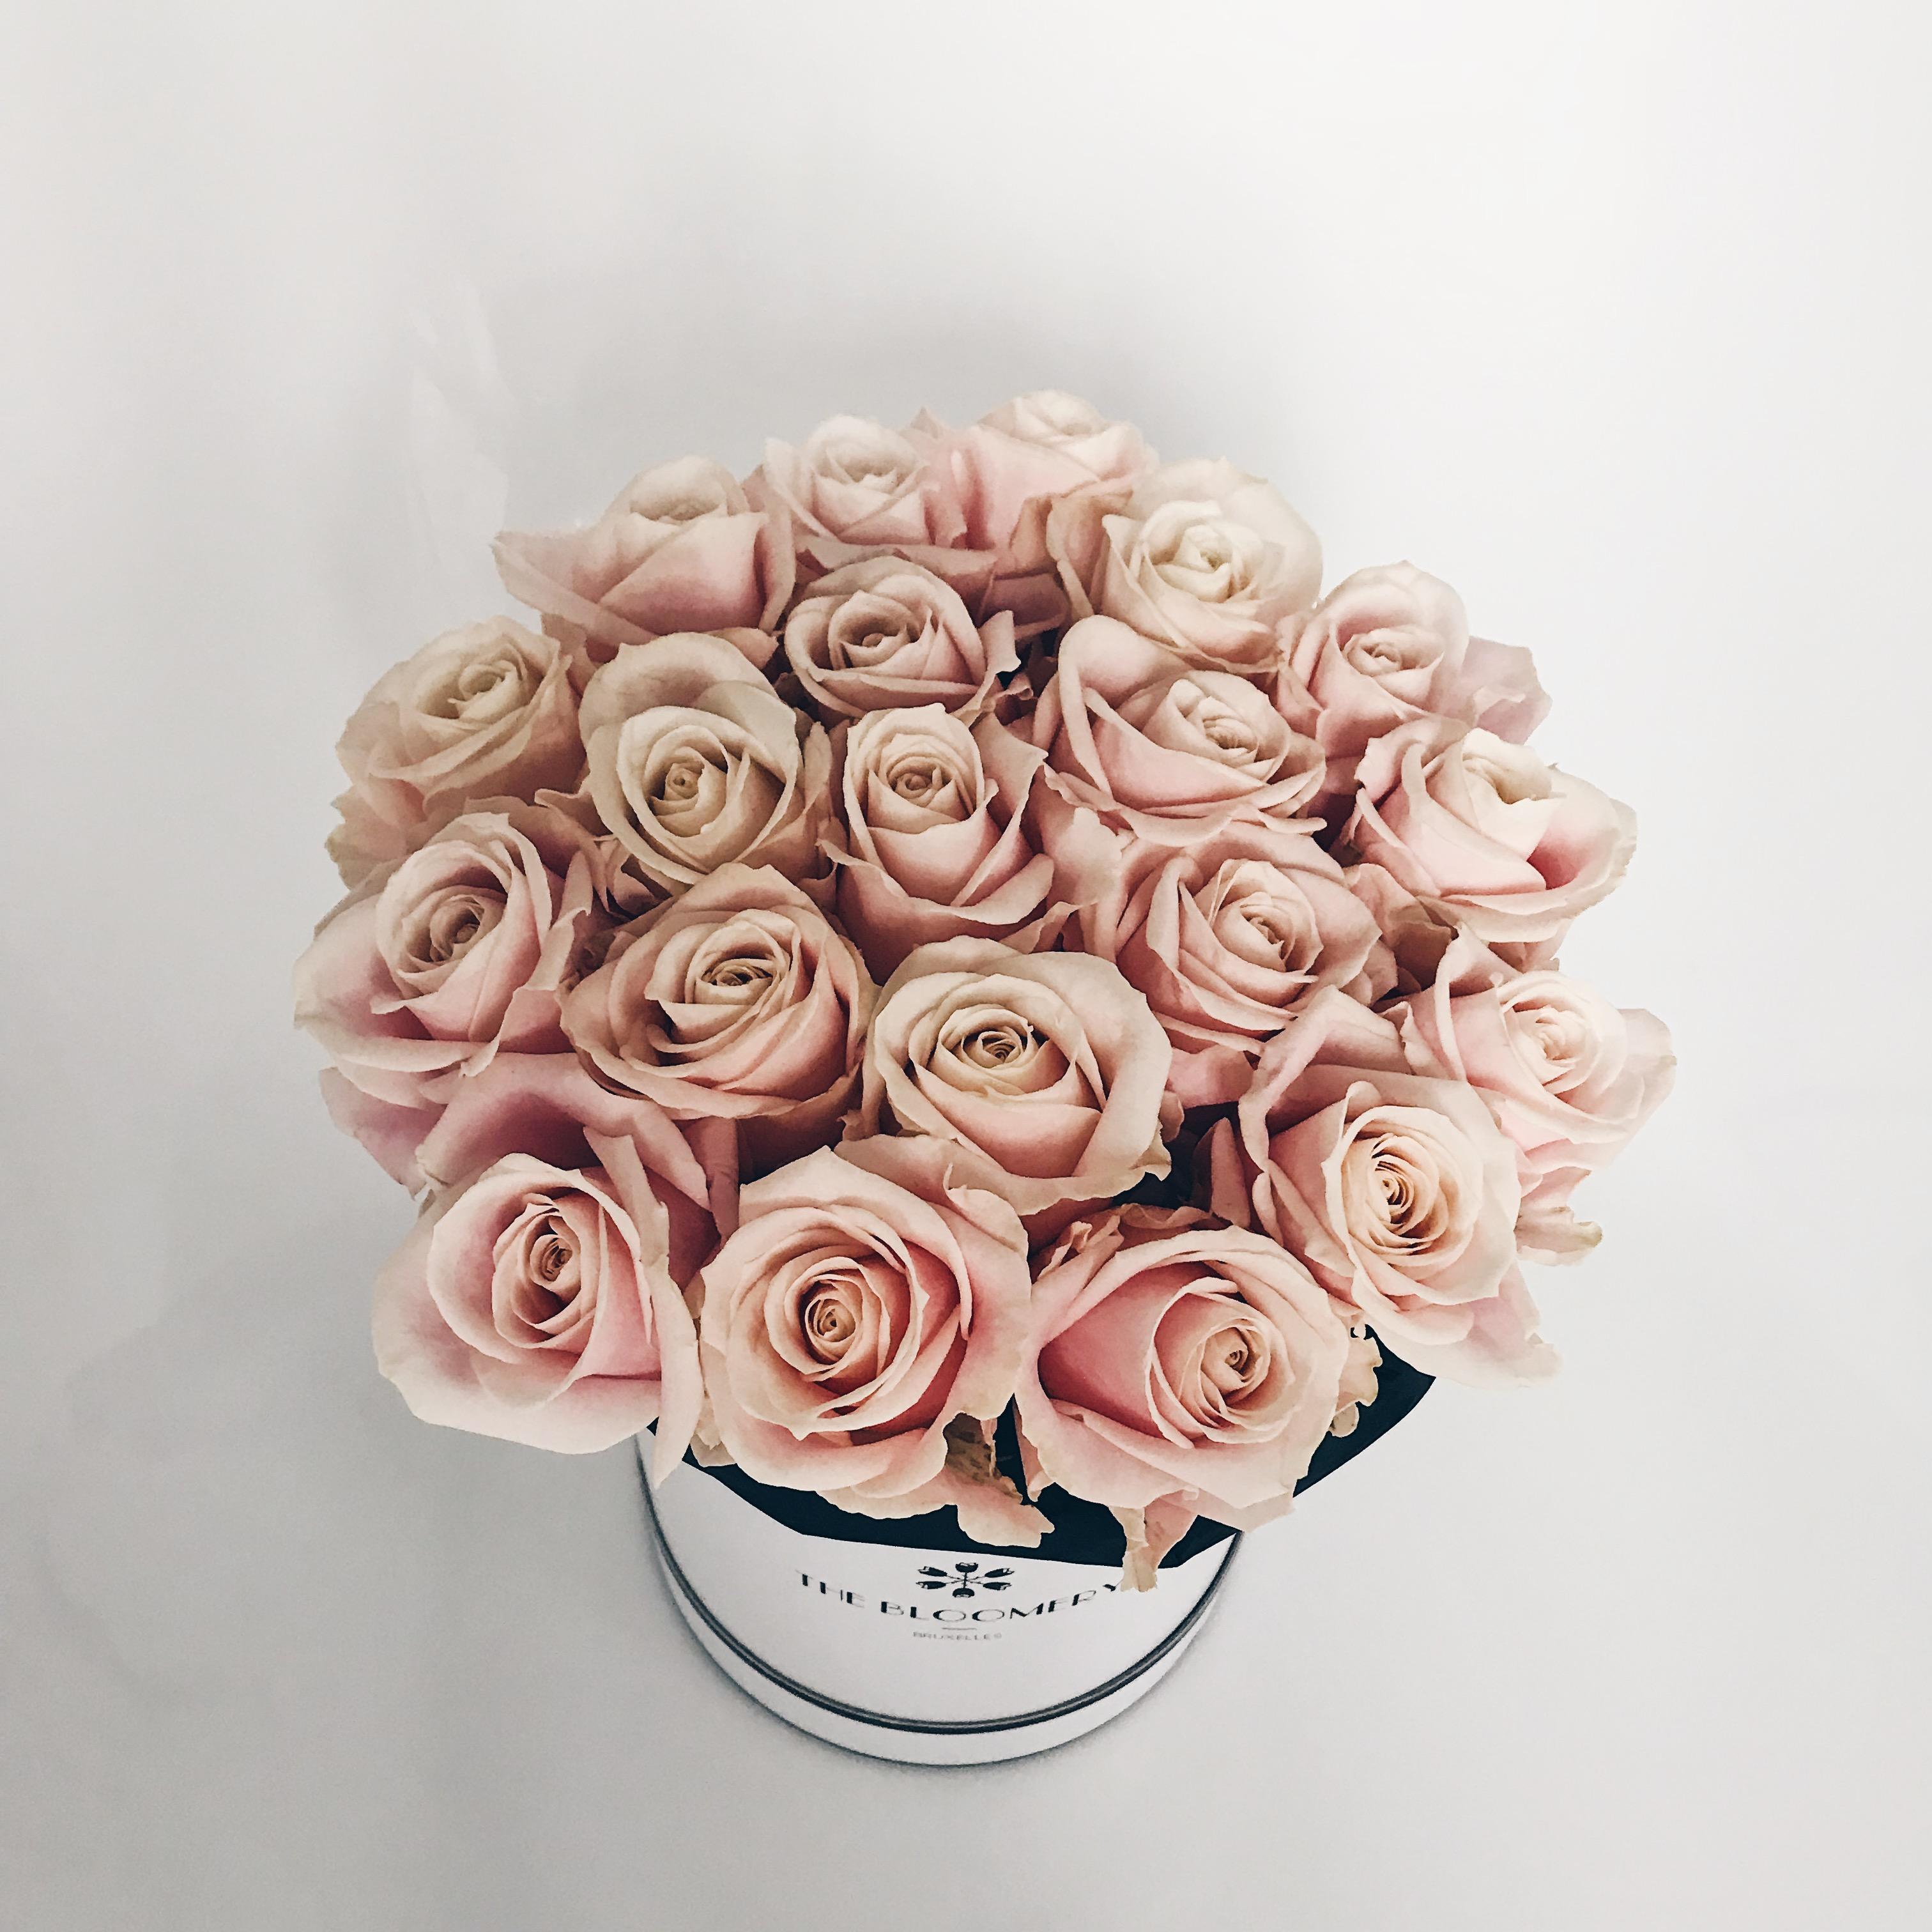 bouquet de fleur pas cher beautiful images bouquets de fleurs tout fleurs mariage fleurs en. Black Bedroom Furniture Sets. Home Design Ideas